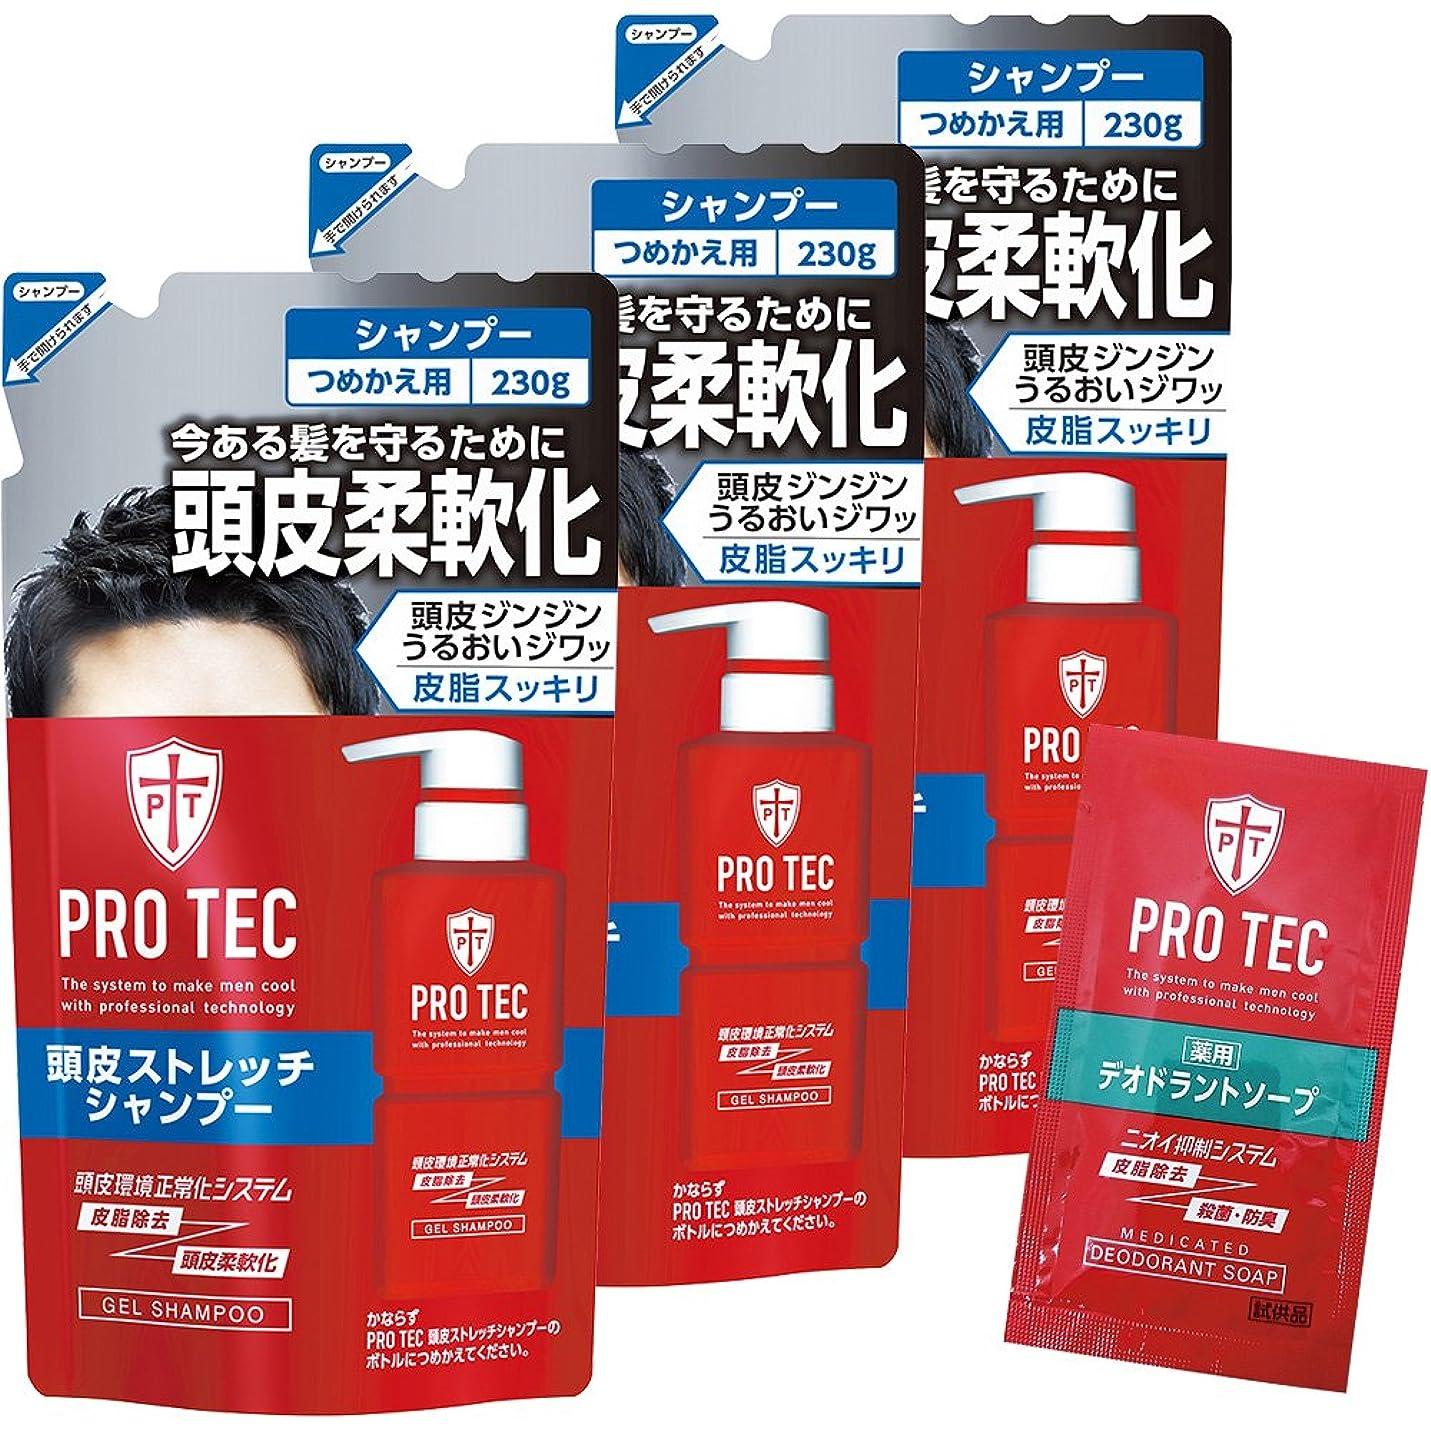 吐くモーション瞬時に【Amazon.co.jp限定】PRO TEC(プロテク) 頭皮ストレッチ シャンプー 詰め替え 230g×3個パック+デオドラントソープ1回分付(医薬部外品)